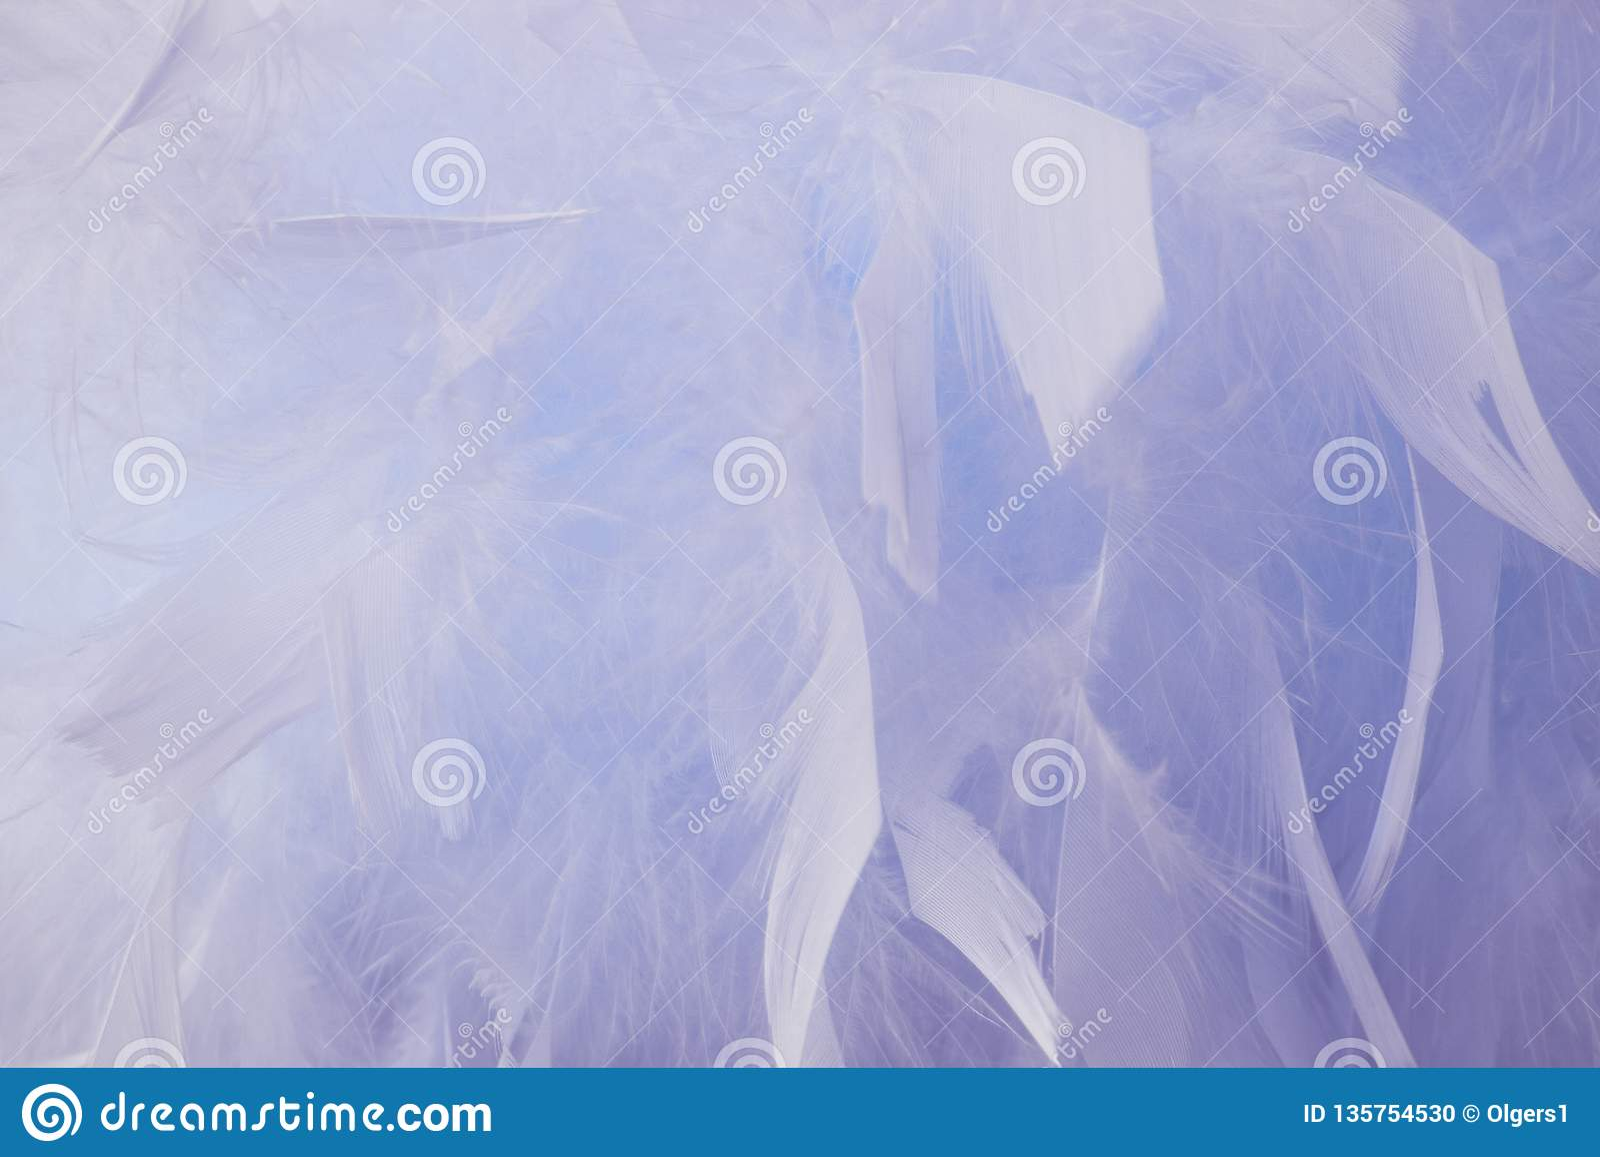 抽象蓝色口气羽毛背景 蓬松羽毛时尚设计葡萄酒漂泊样式柔和的淡色彩纹理